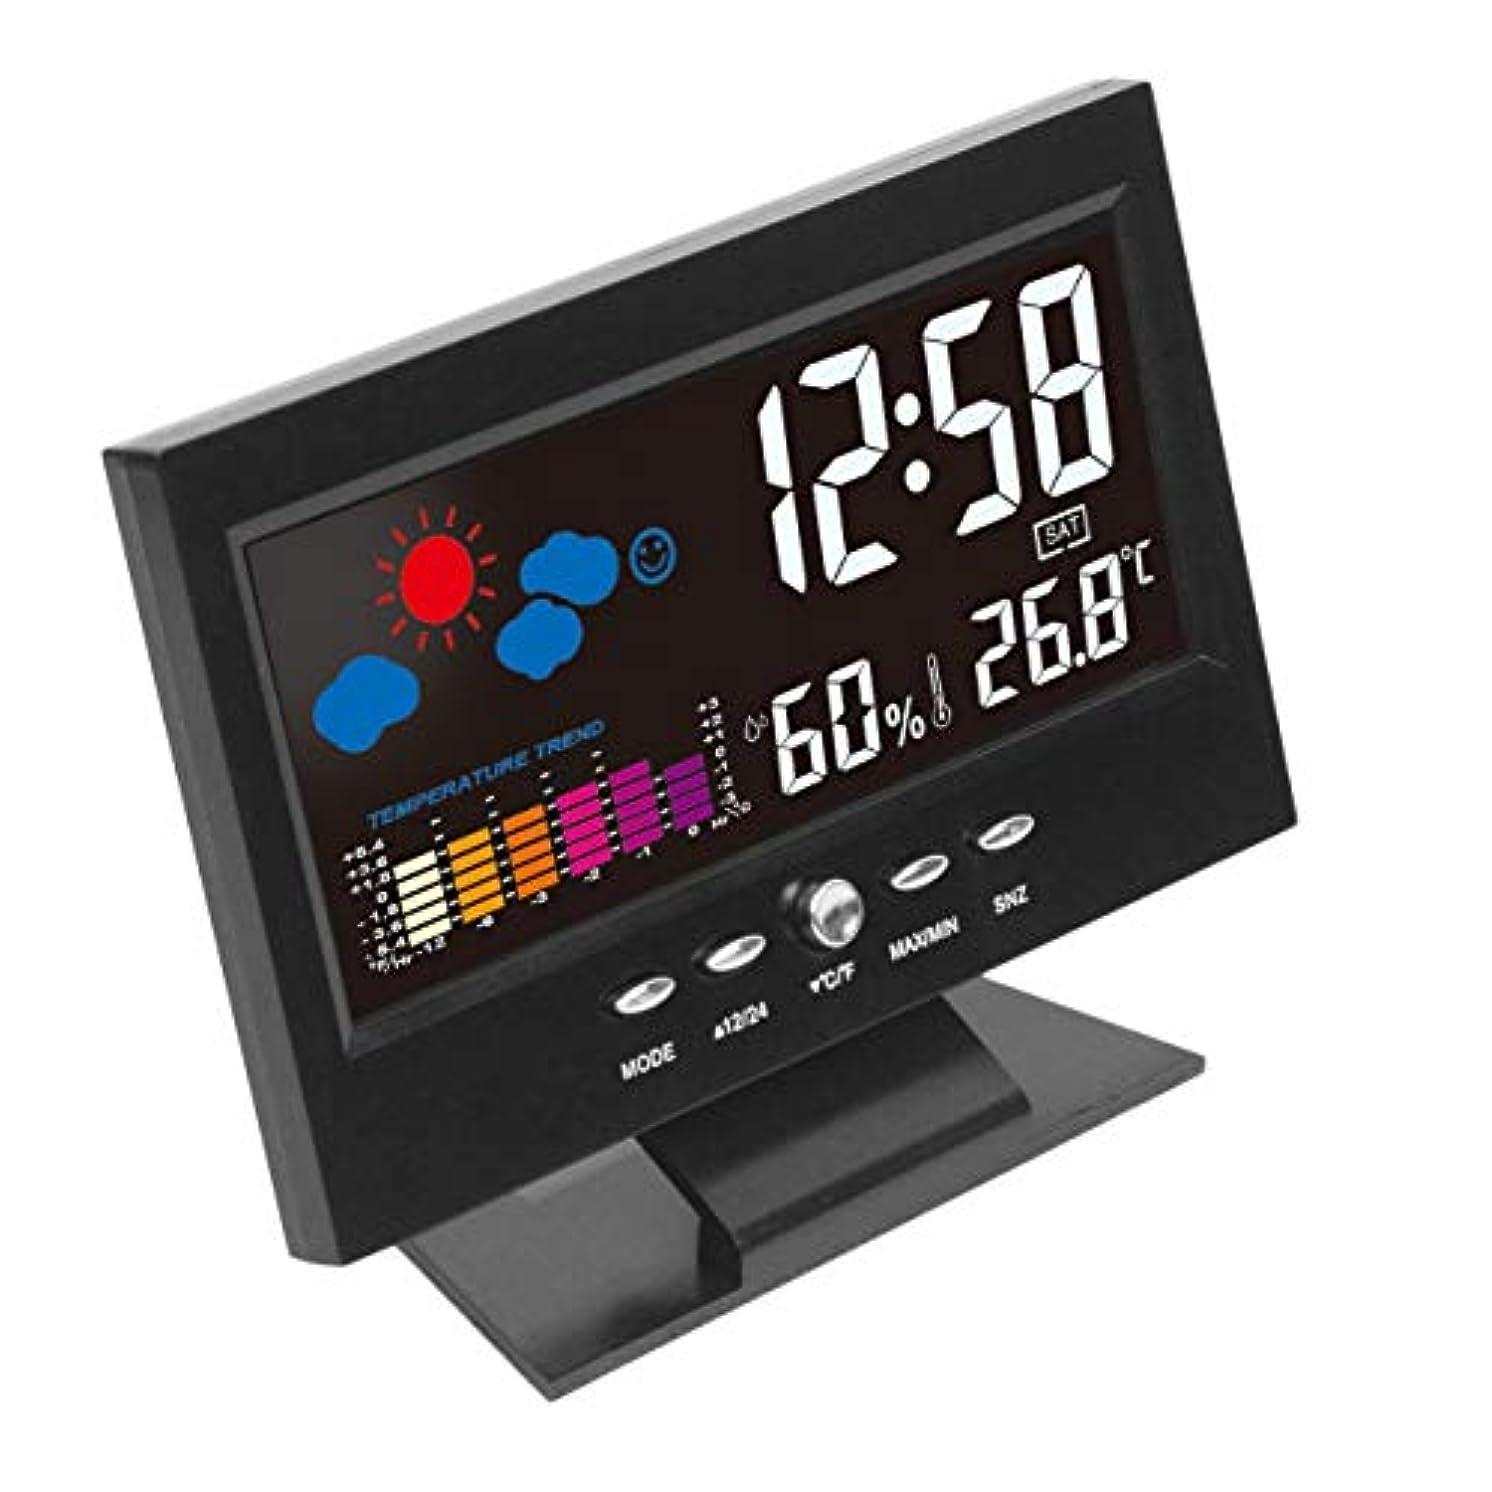 単独で反対した因子Saikogoods 電子デジタルLCD 温度湿度モニター時計 温度計湿度計 屋内ホーム 天気予報時??計 ブラック